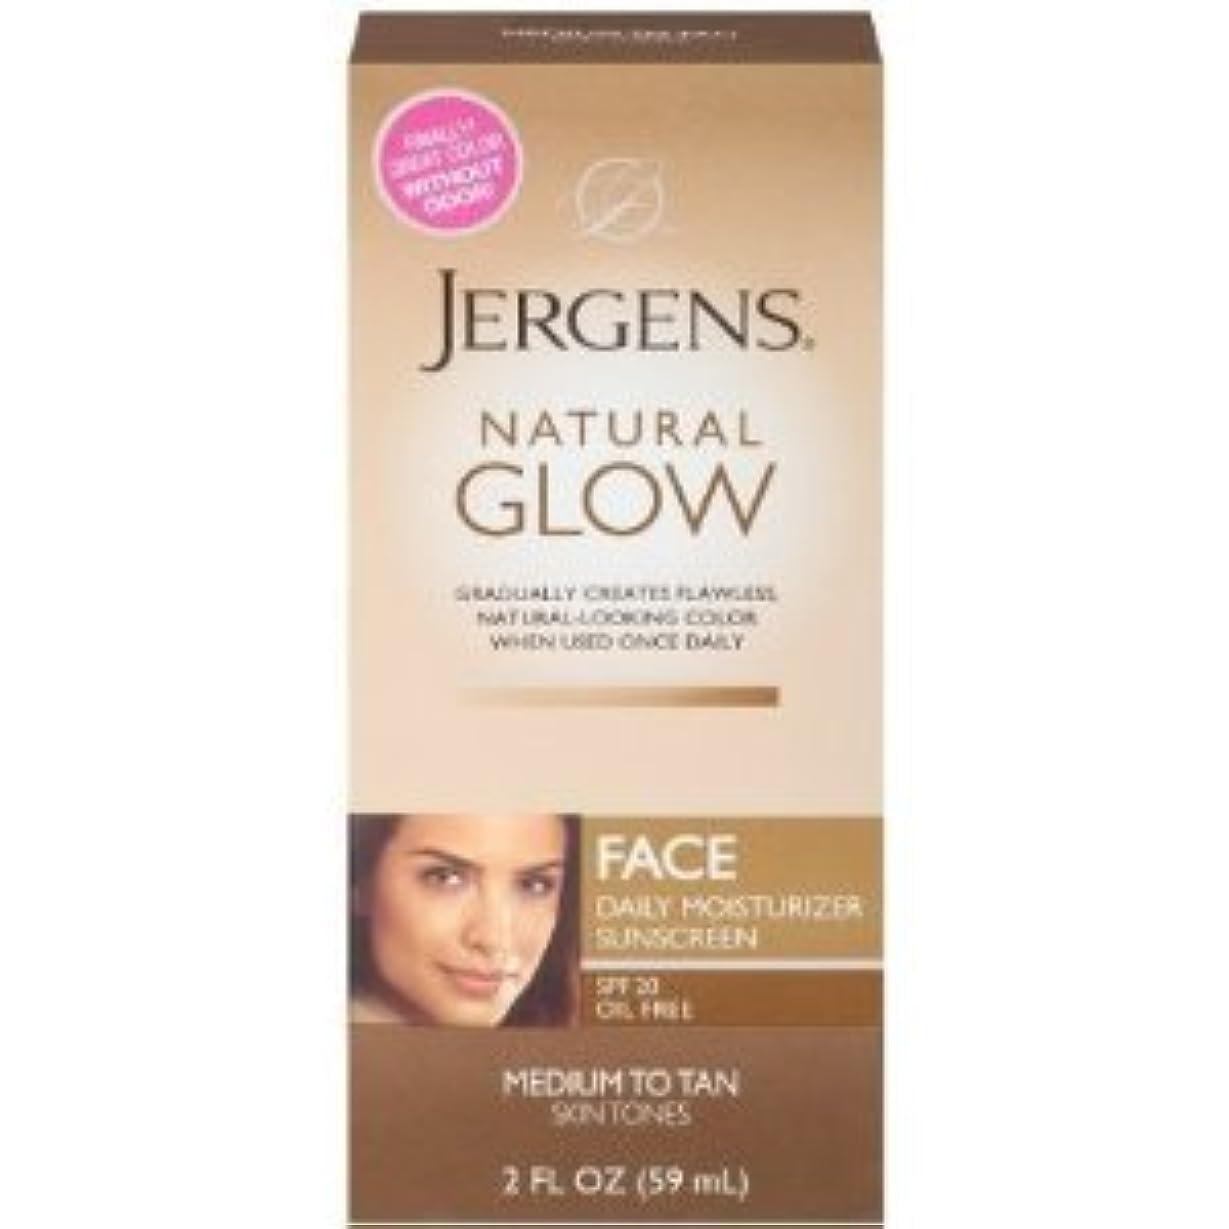 トチの実の木避難する複雑Natural Glow Healthy Complexion Daily Facial Moisturizer, SPF 20, Medium to Tan, (59ml) (海外直送品)